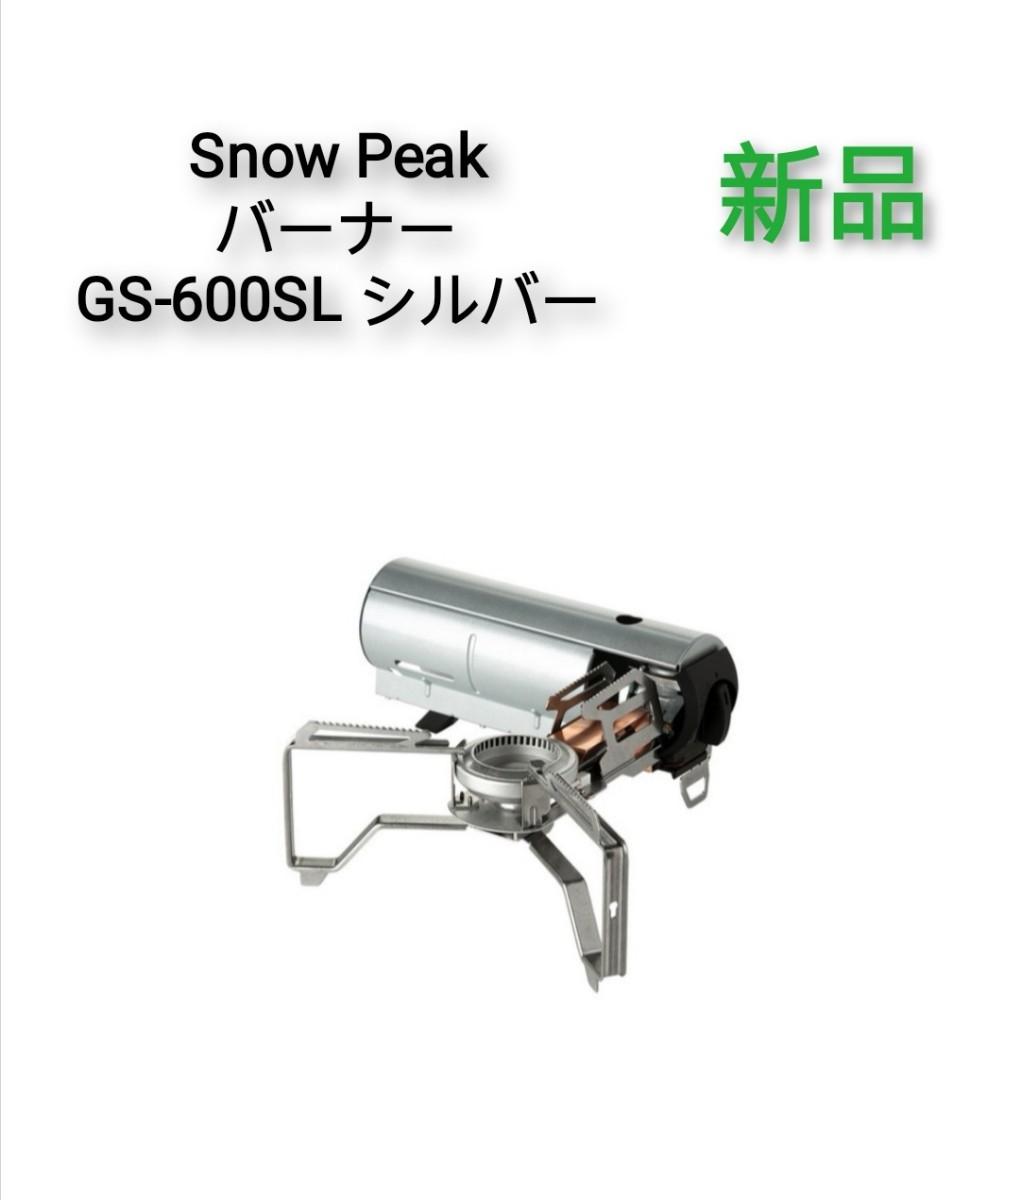 スノーピーク バーナー GS-600SL シルバー  snow peak コンロ